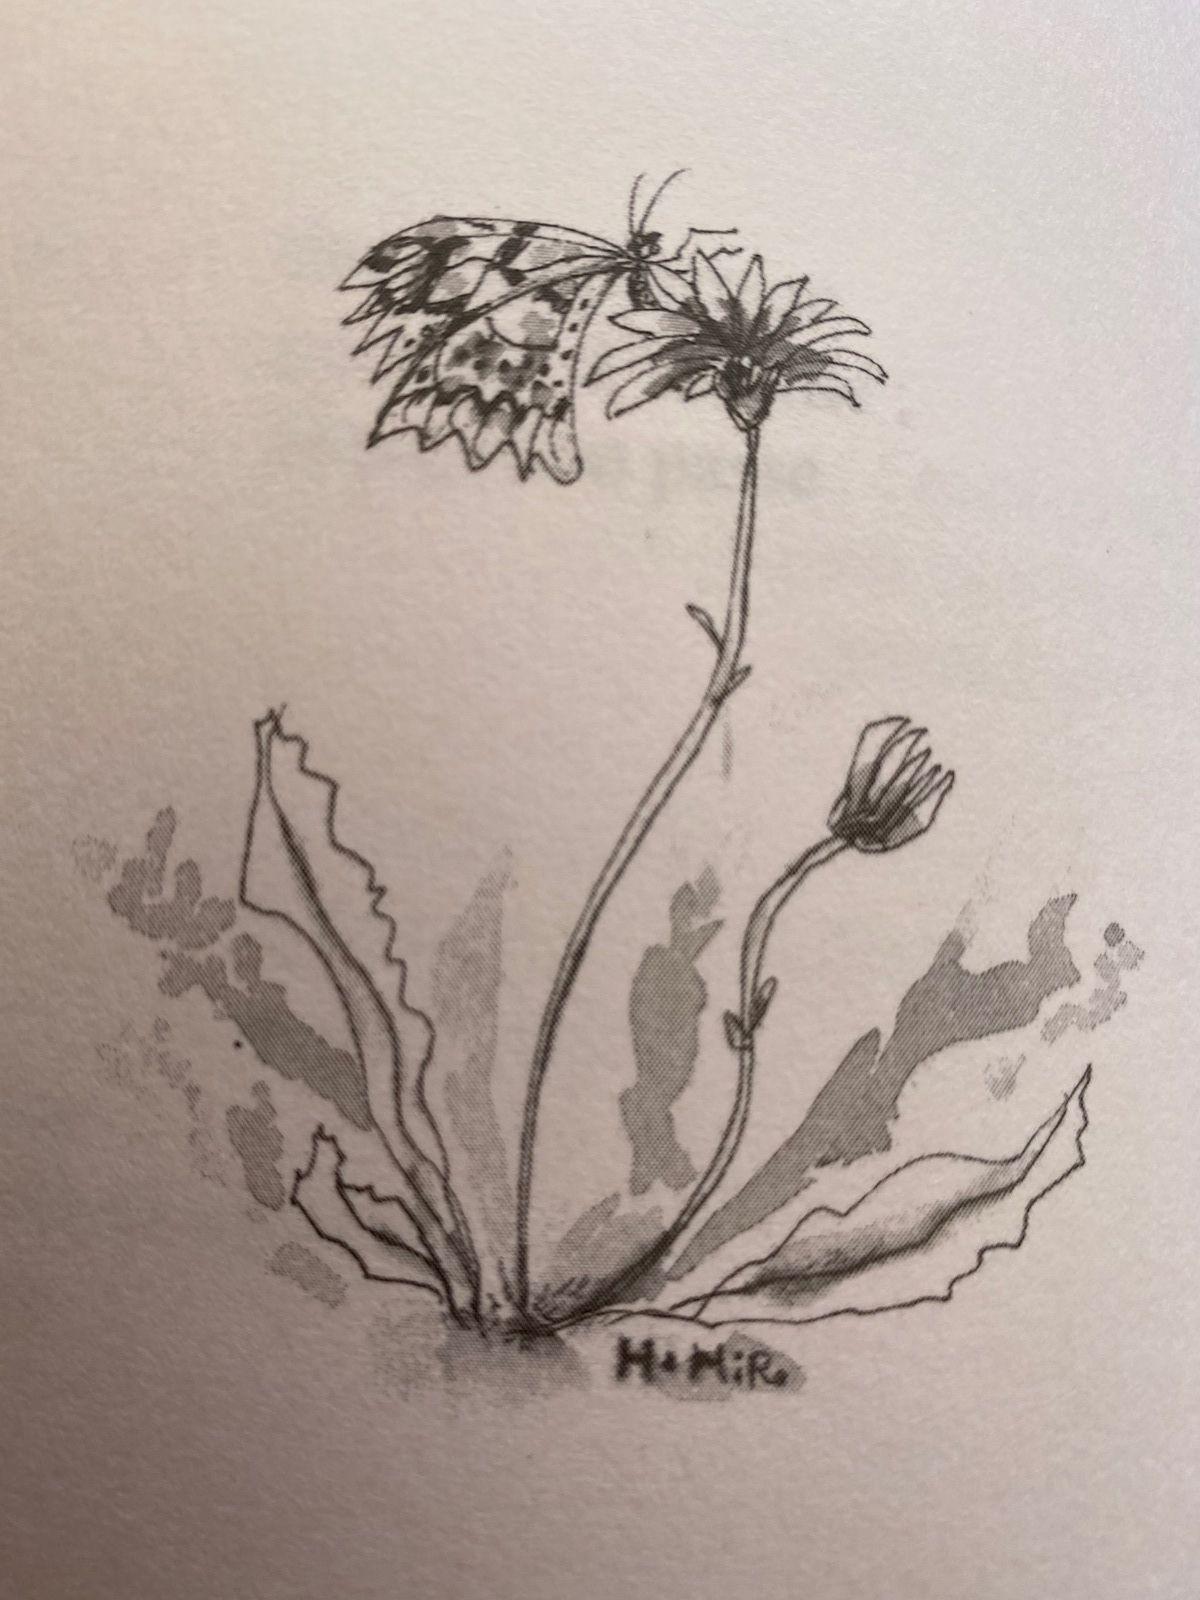 Illustration de Hiro Hata ; Un bâton dans les Andes, page 34